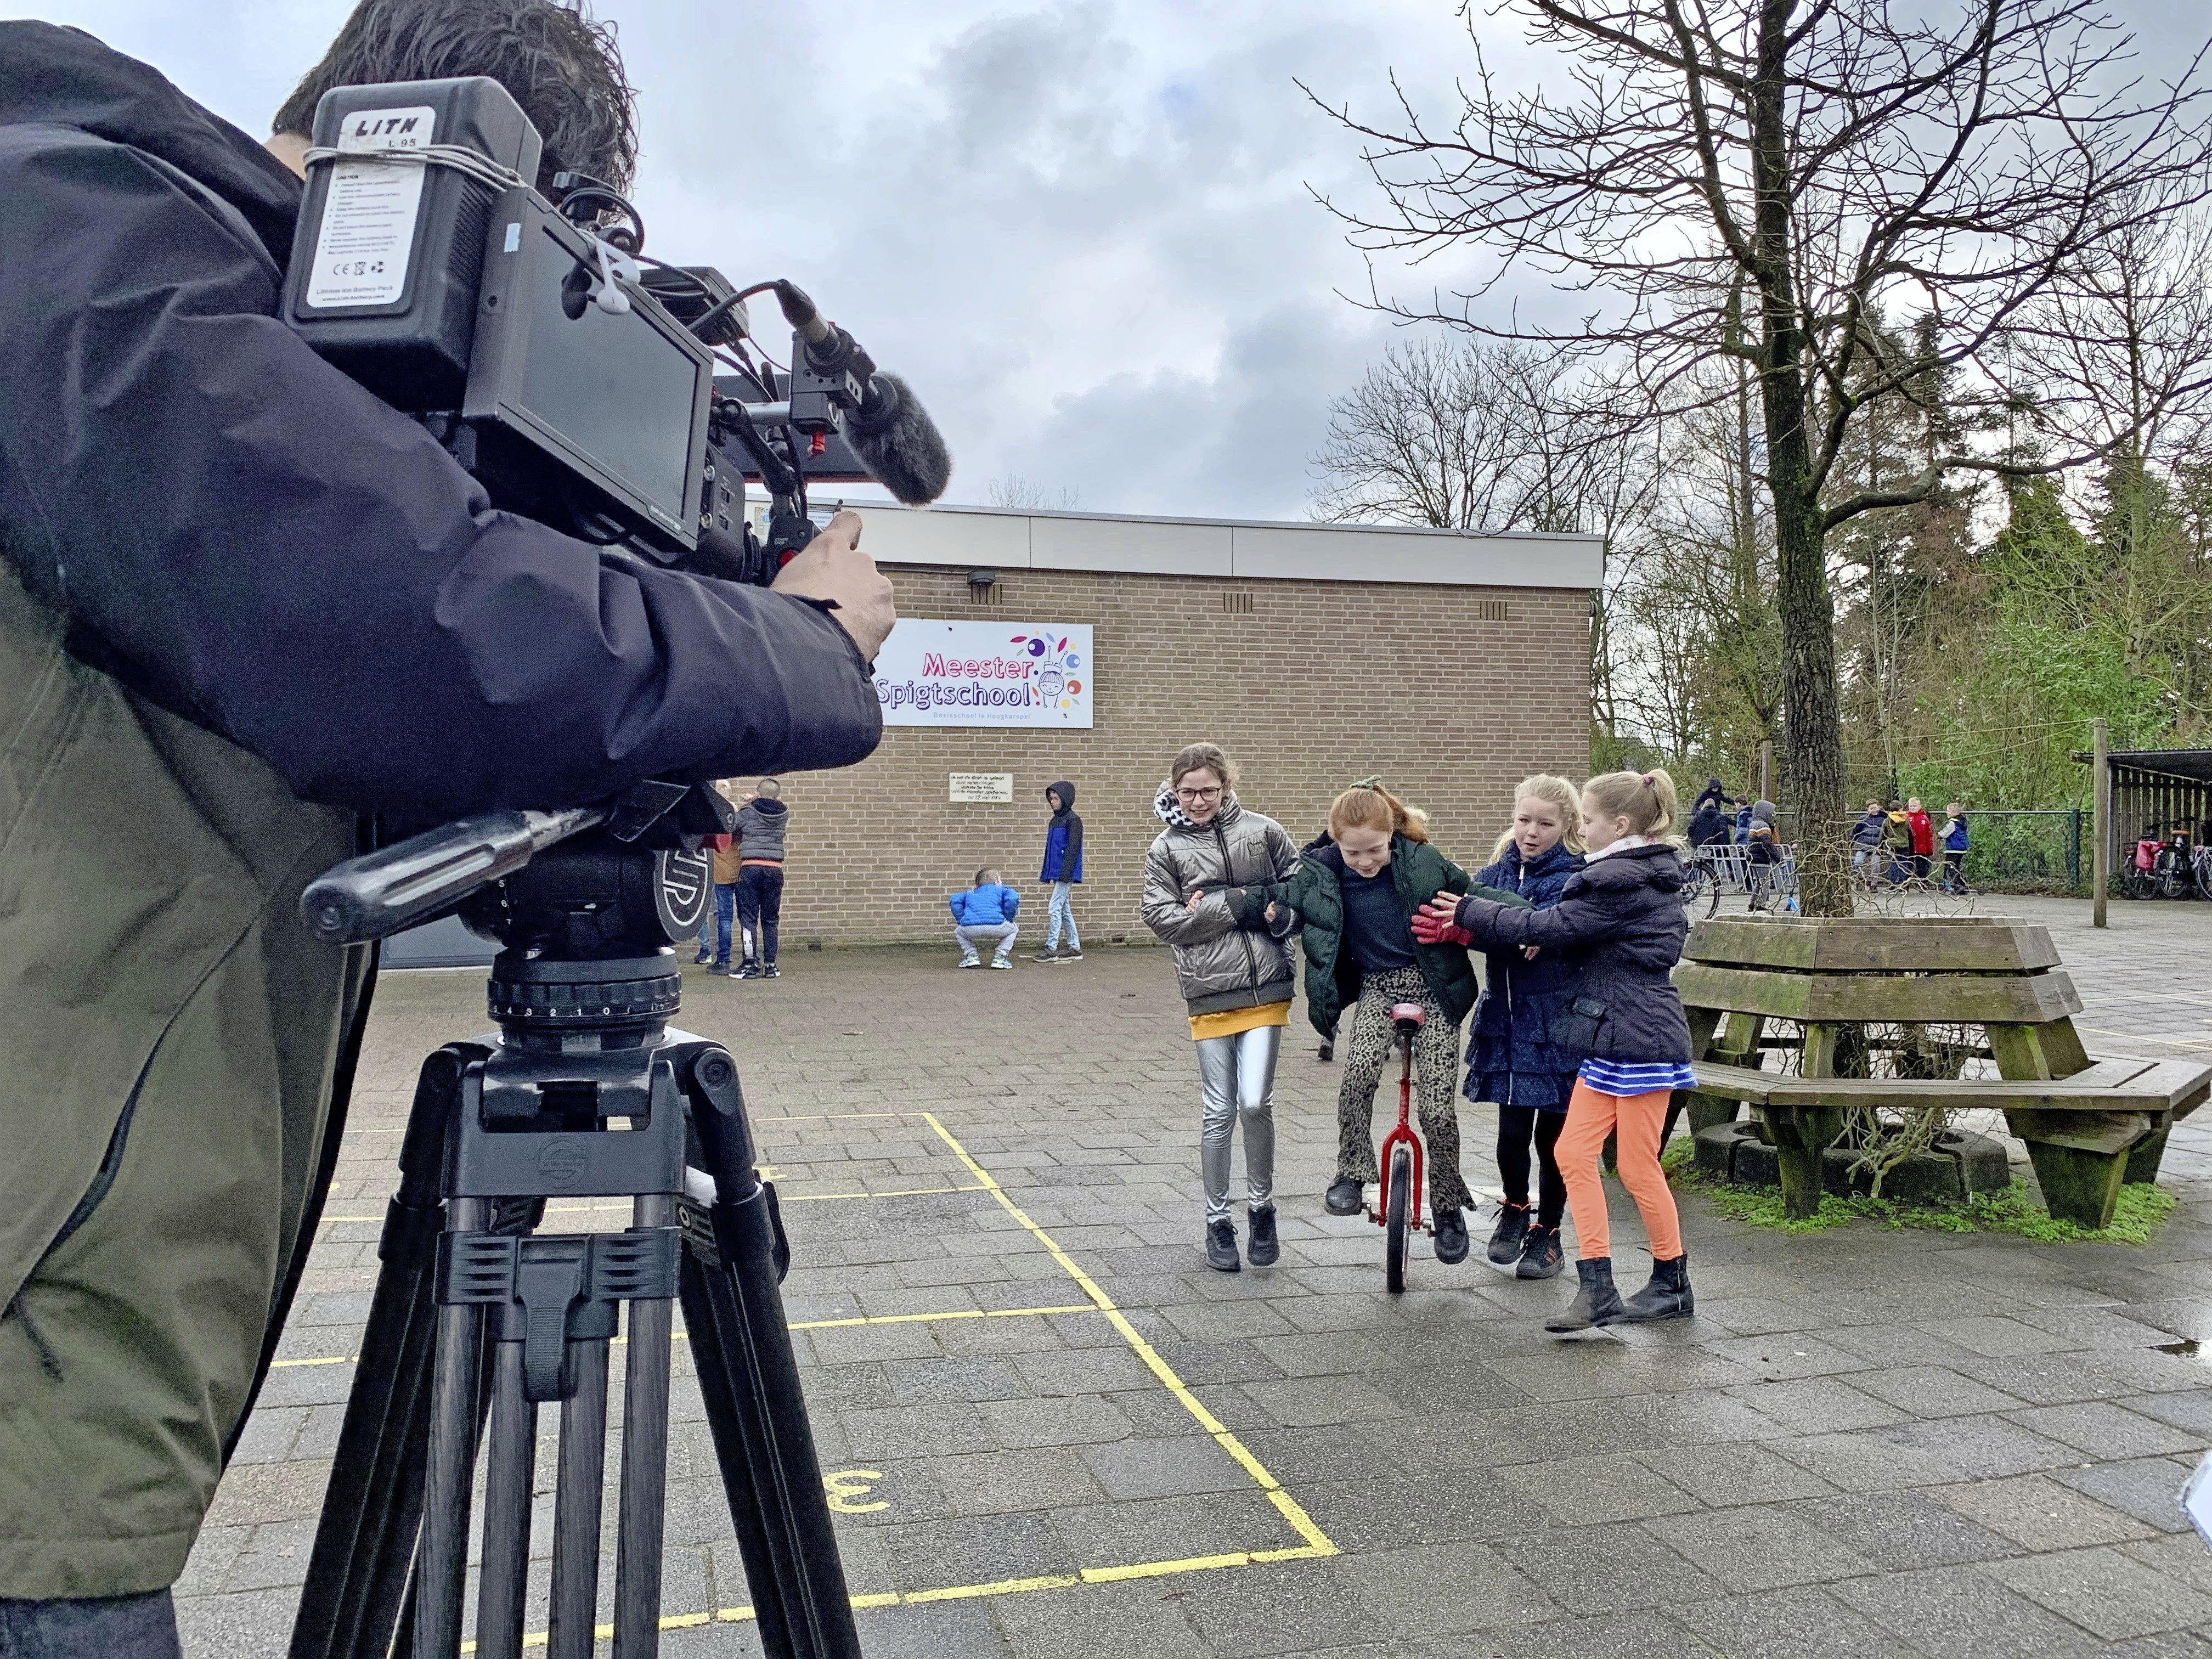 Op een monofietsje de zwaartekracht trotseren; op de Meester Spigtschool in Hoogkarspel houden ze wel van de camera